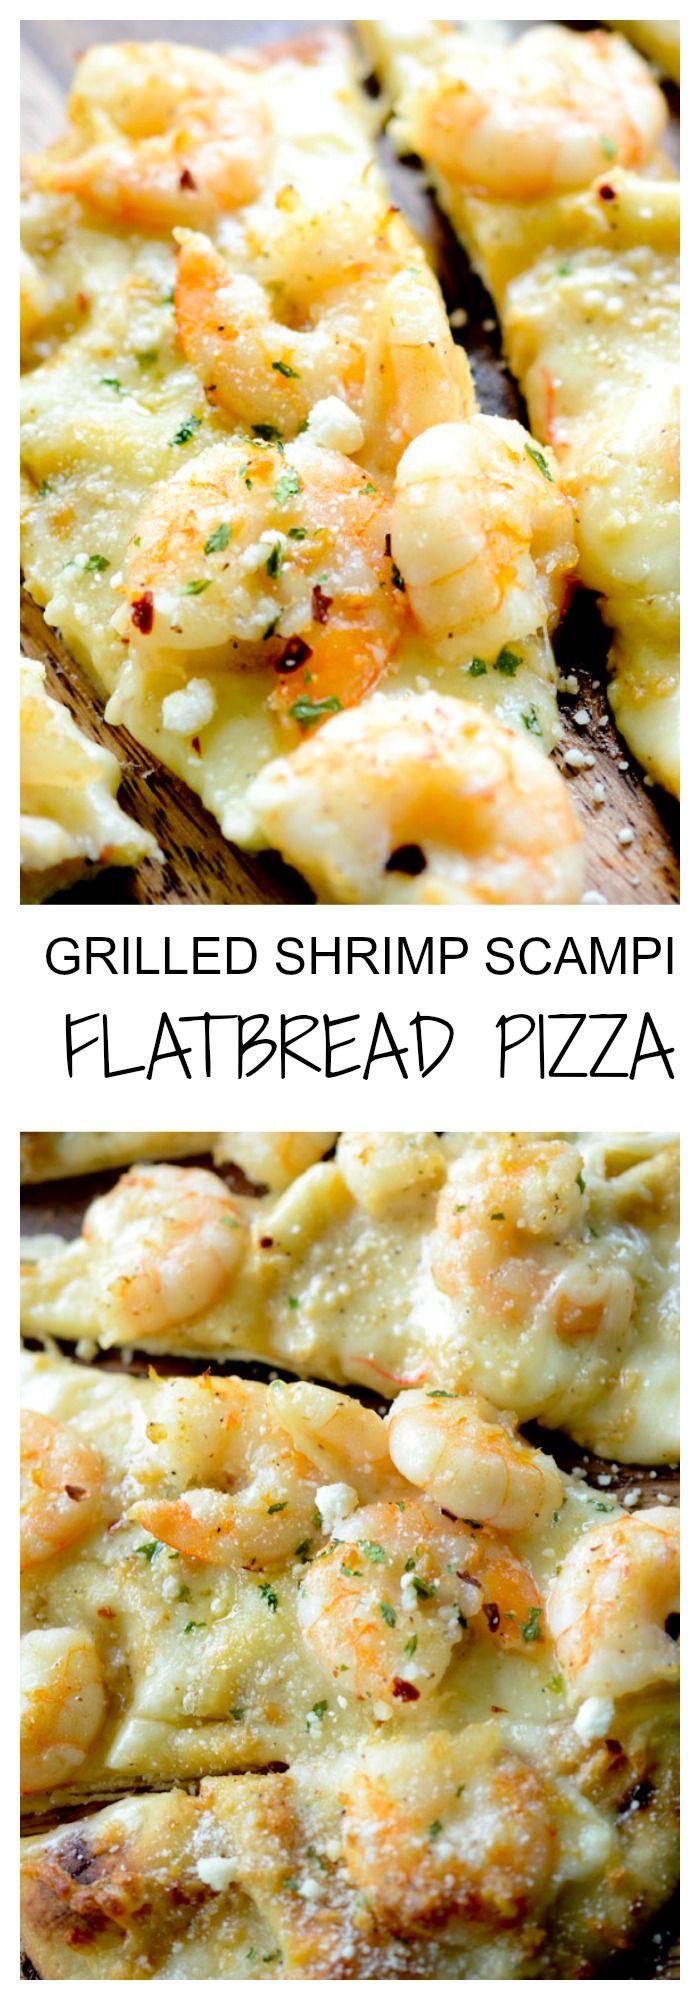 Grilled Shrimp Scampi Flatbread Pizza - Recipe Diaries